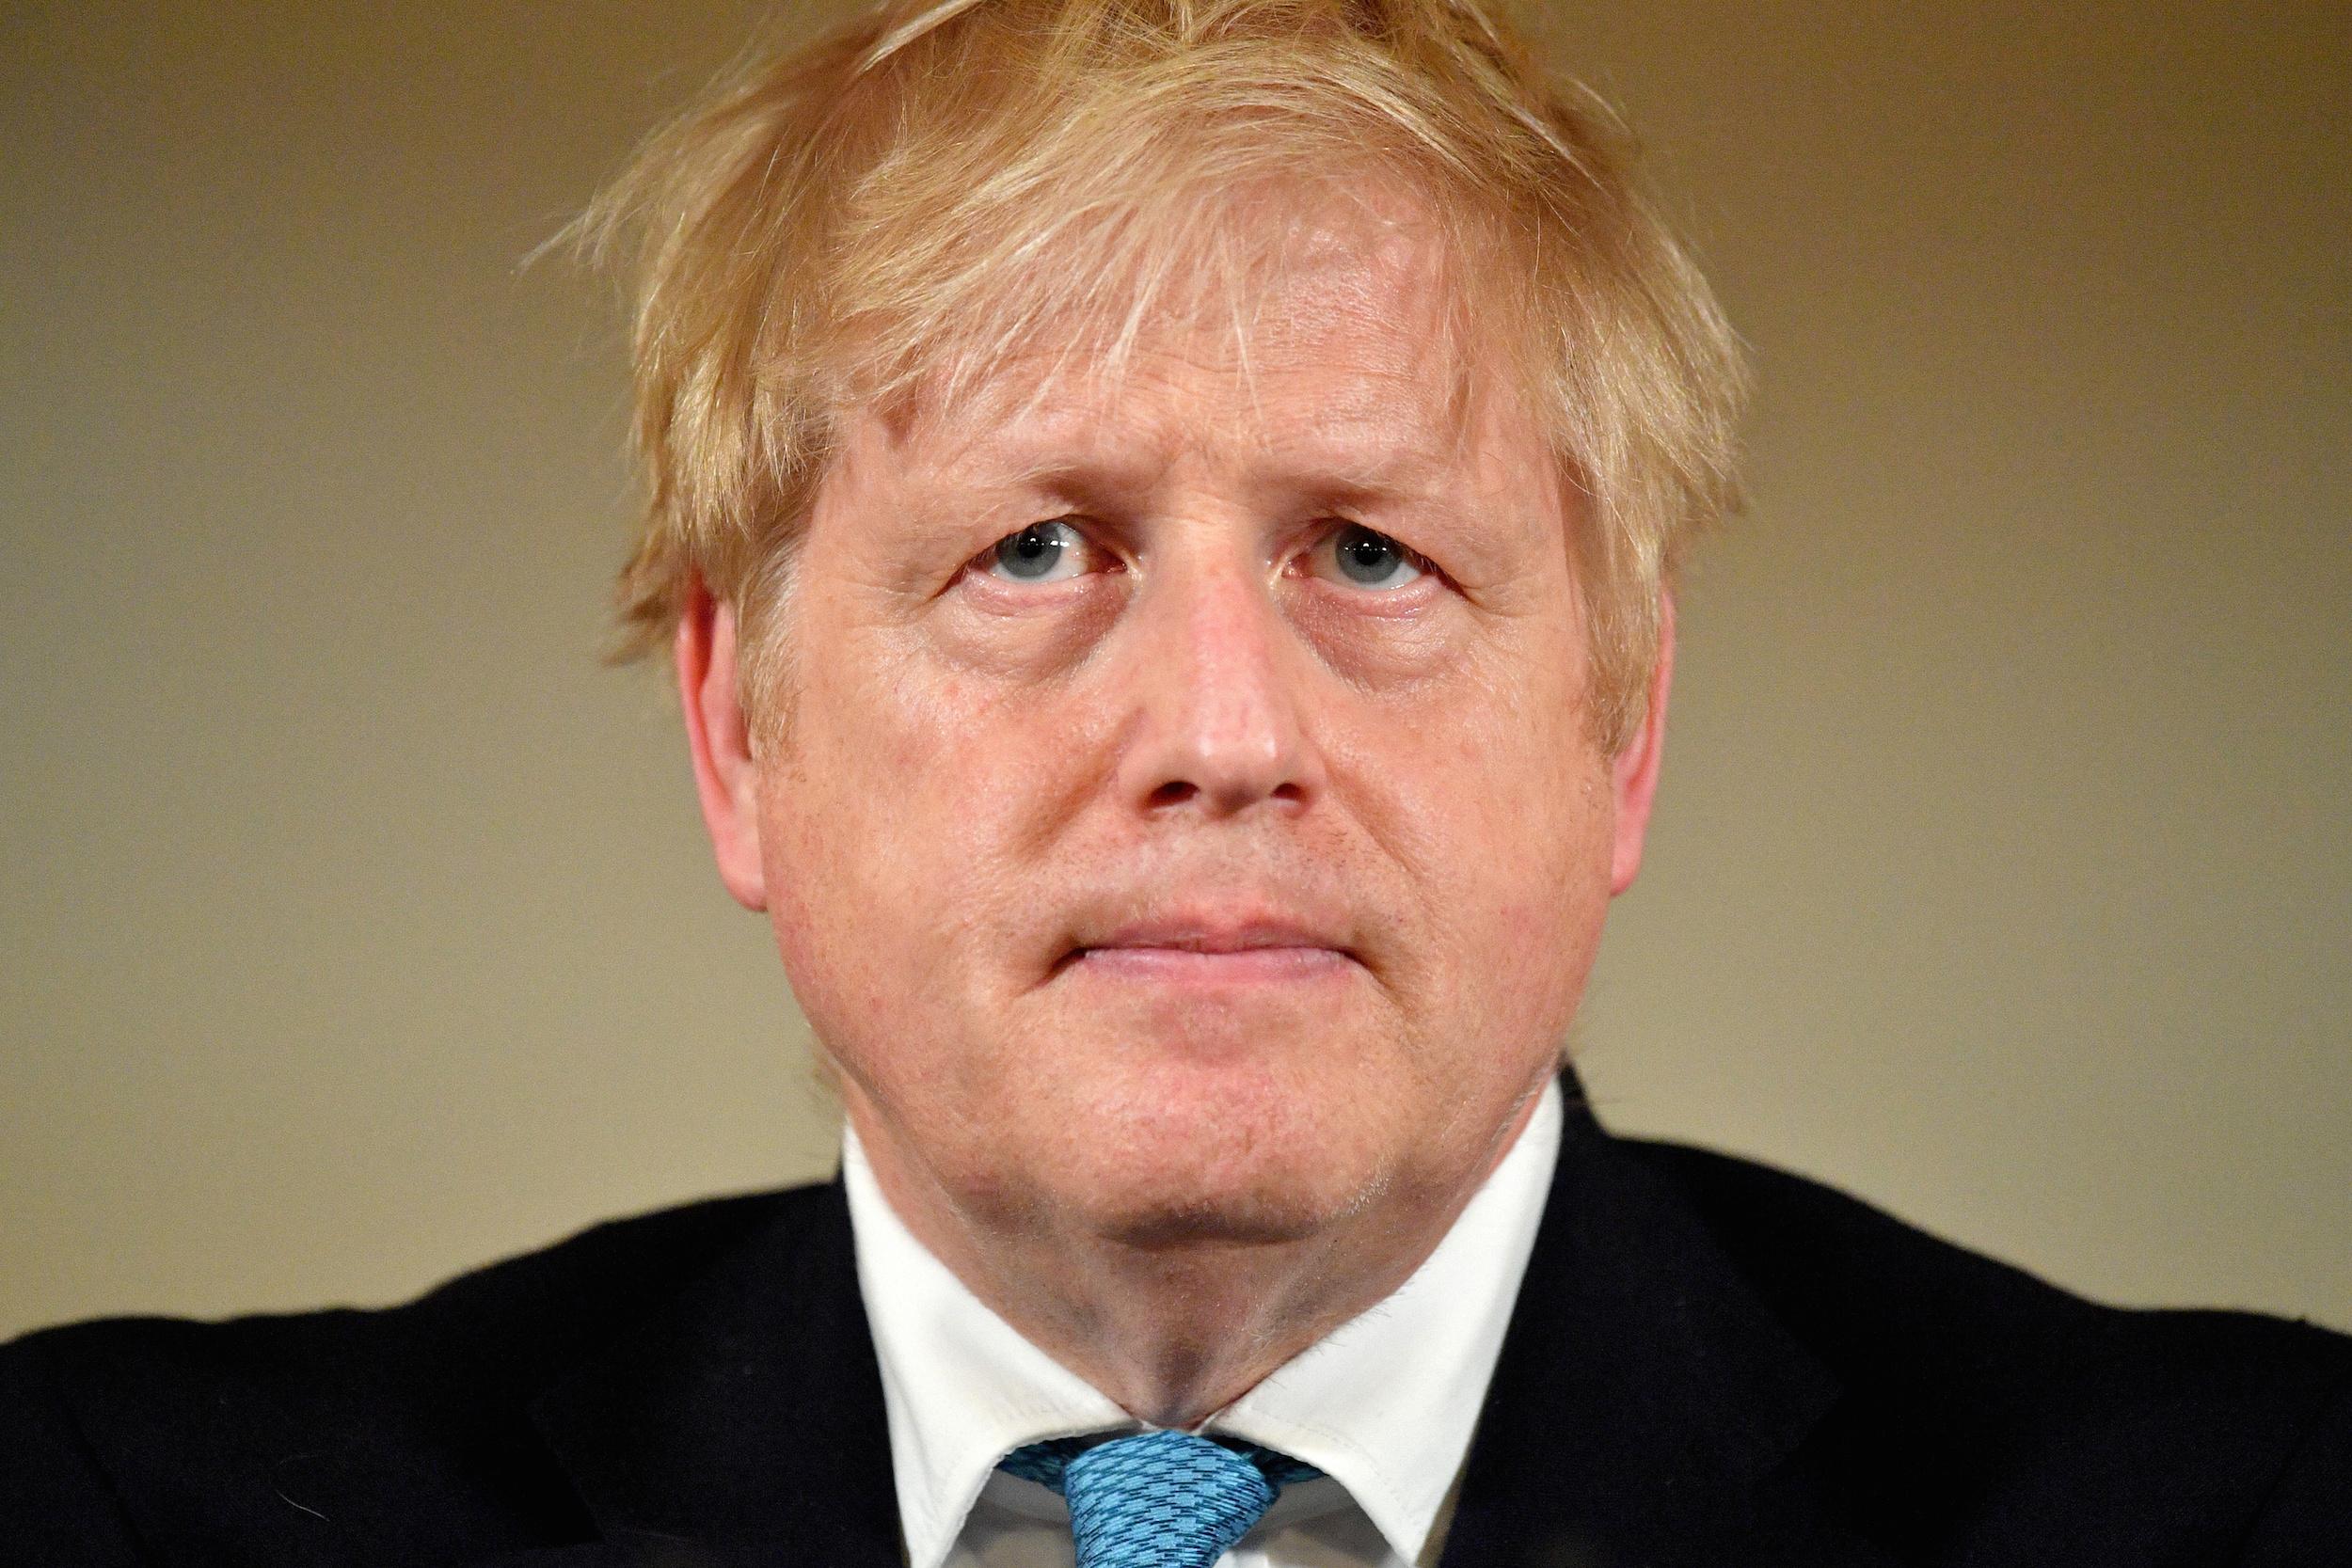 El primer ministre britànic, Boris Johnson, durant una conferència de premsa sobre el coronavirus a 10 Downing Street, Londres, el 19 de març del 2020 / ACN